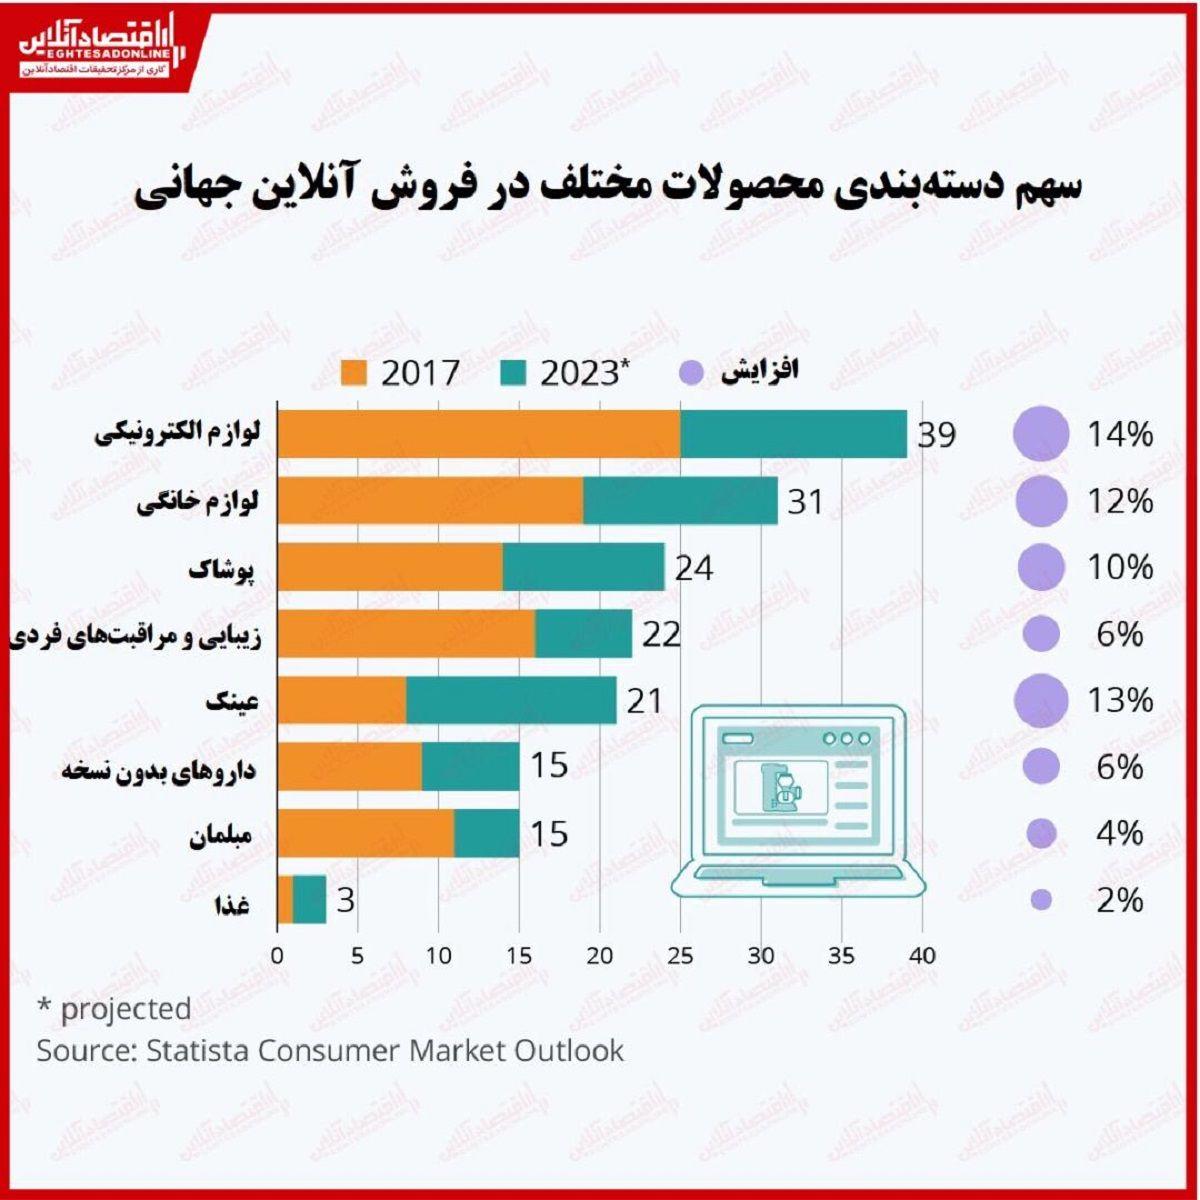 فروش آنلاین کدام محصولات رو به رشد است؟/ پیشتازی وسایل الکترونیکی و لوازم خانگی در تجارت الکترونیک